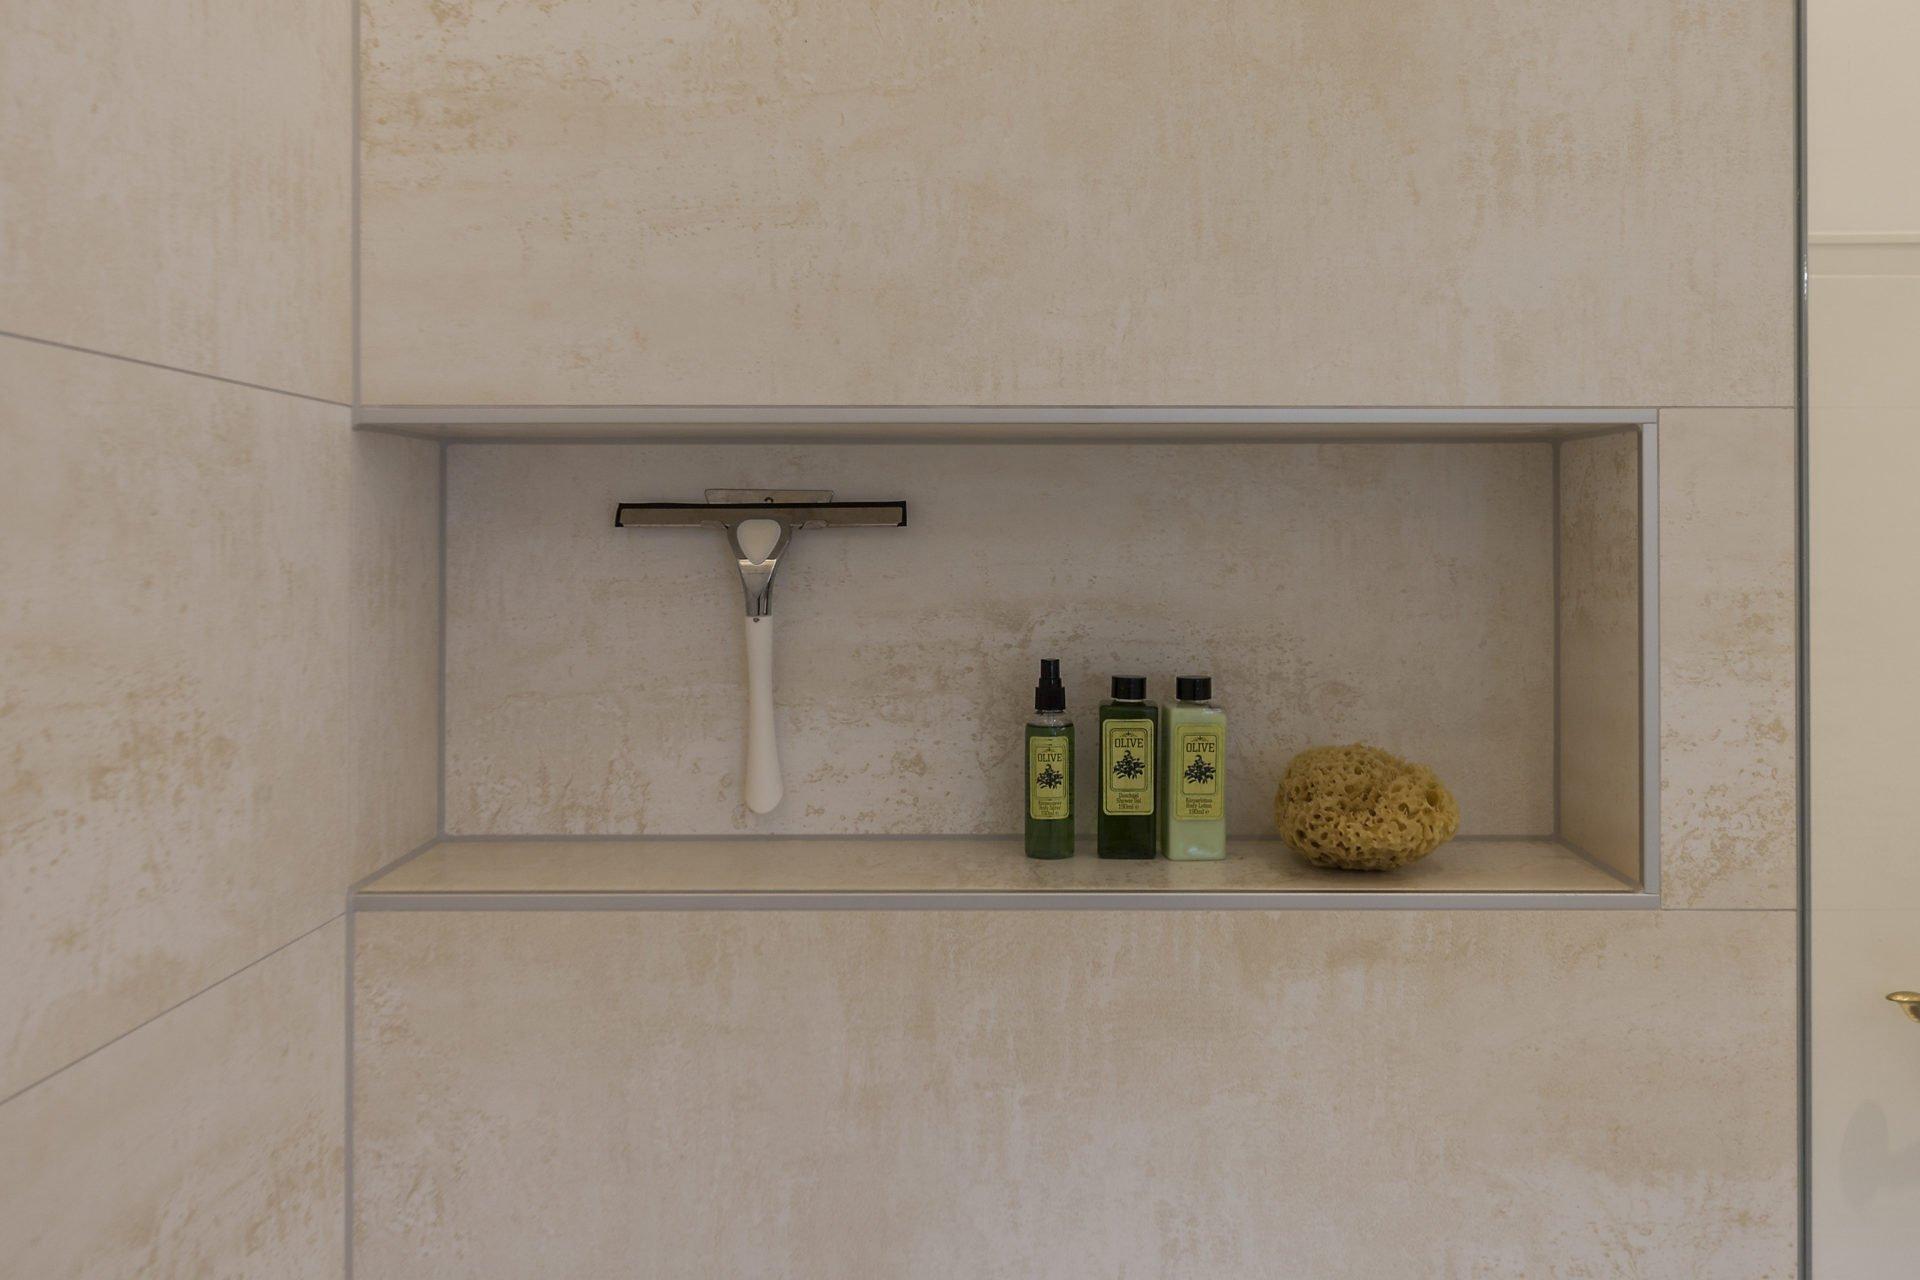 Helles Duschbad Referenz-Bad Nische in der Dusche  NOWAK GmbH